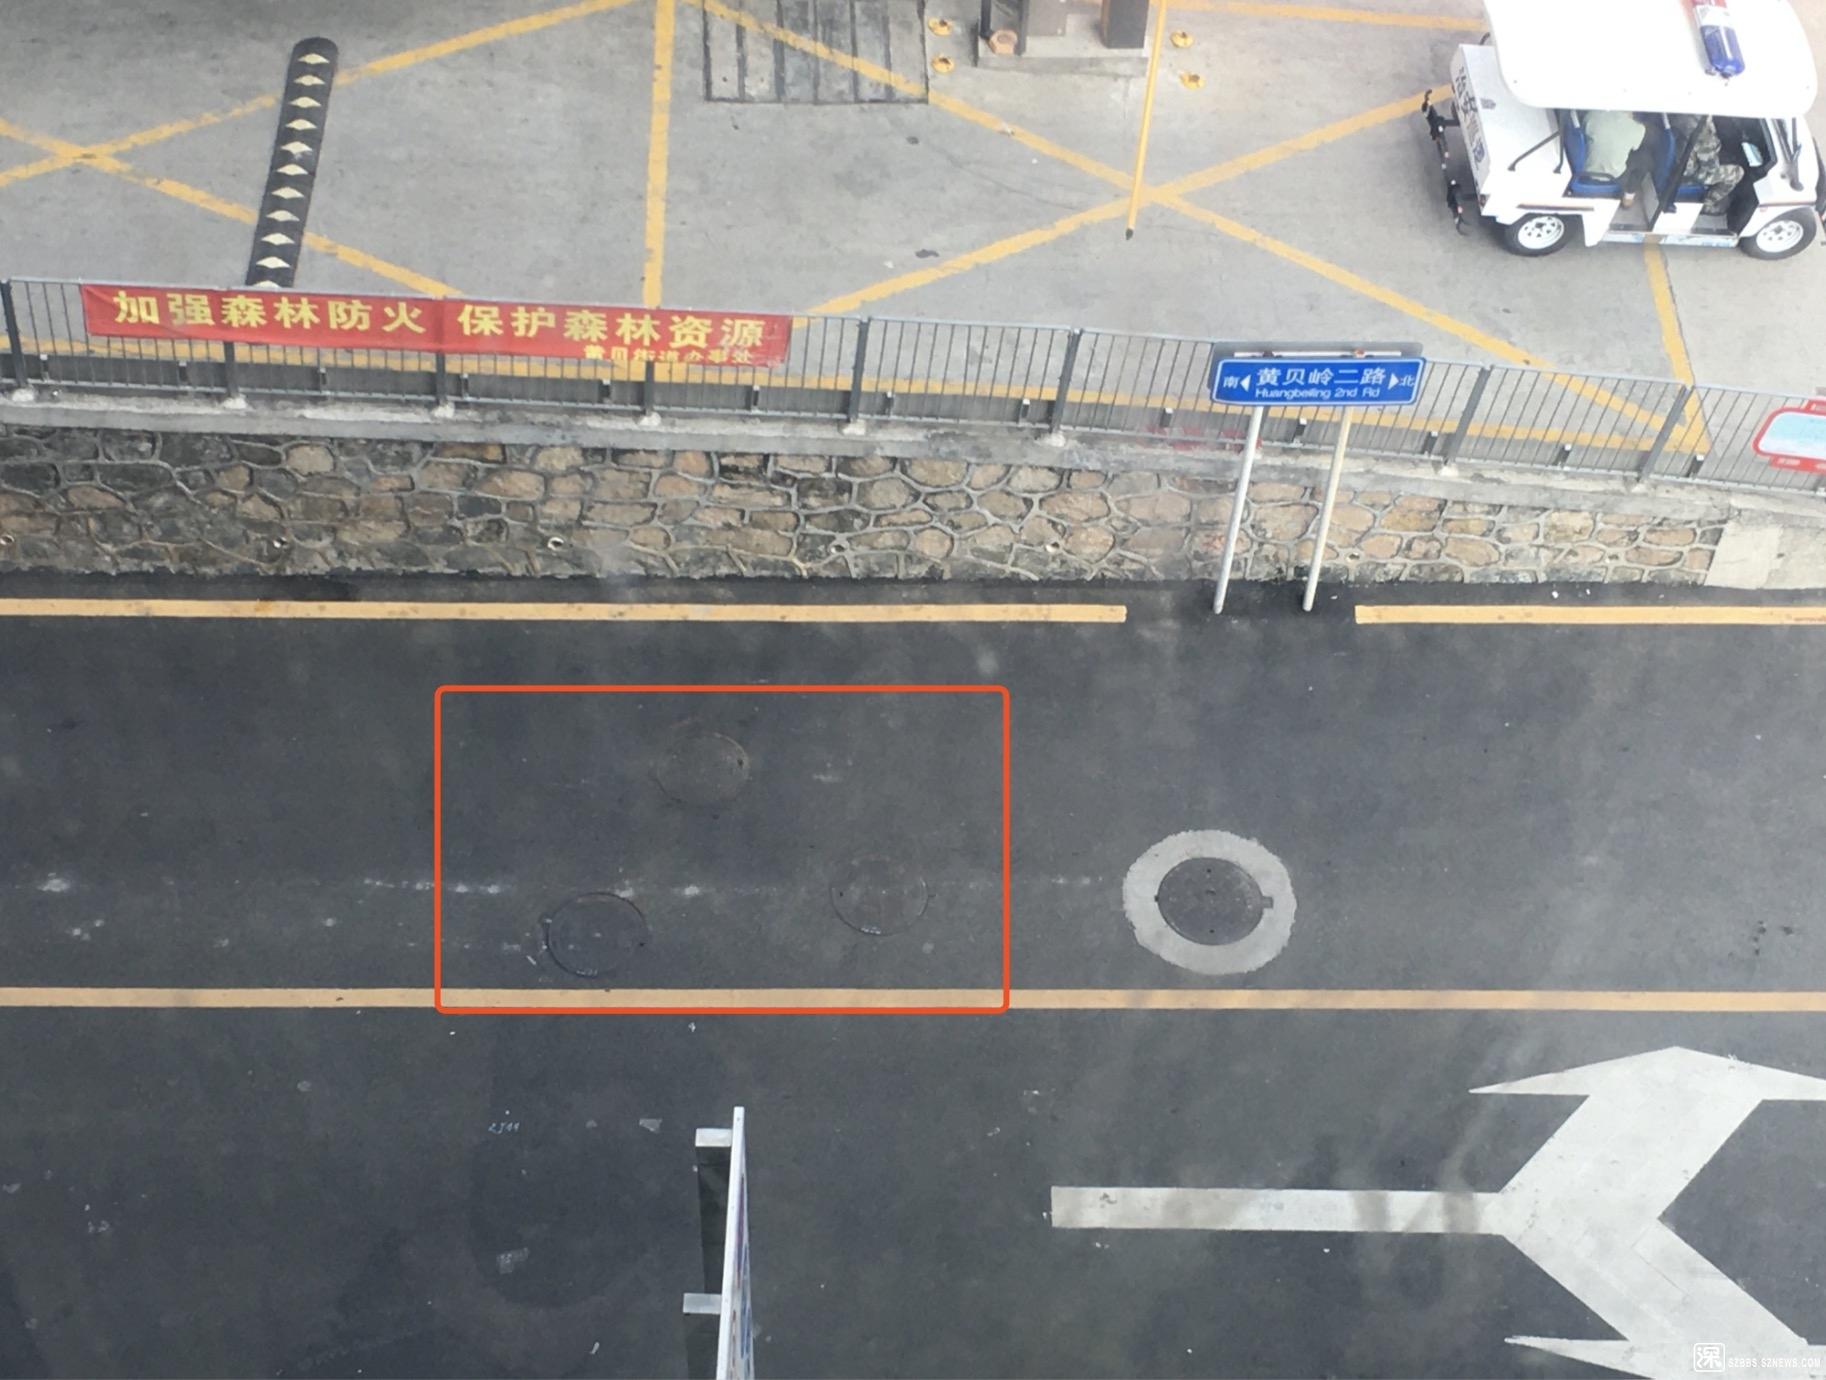 红色框标识的为发出噪声的井盖